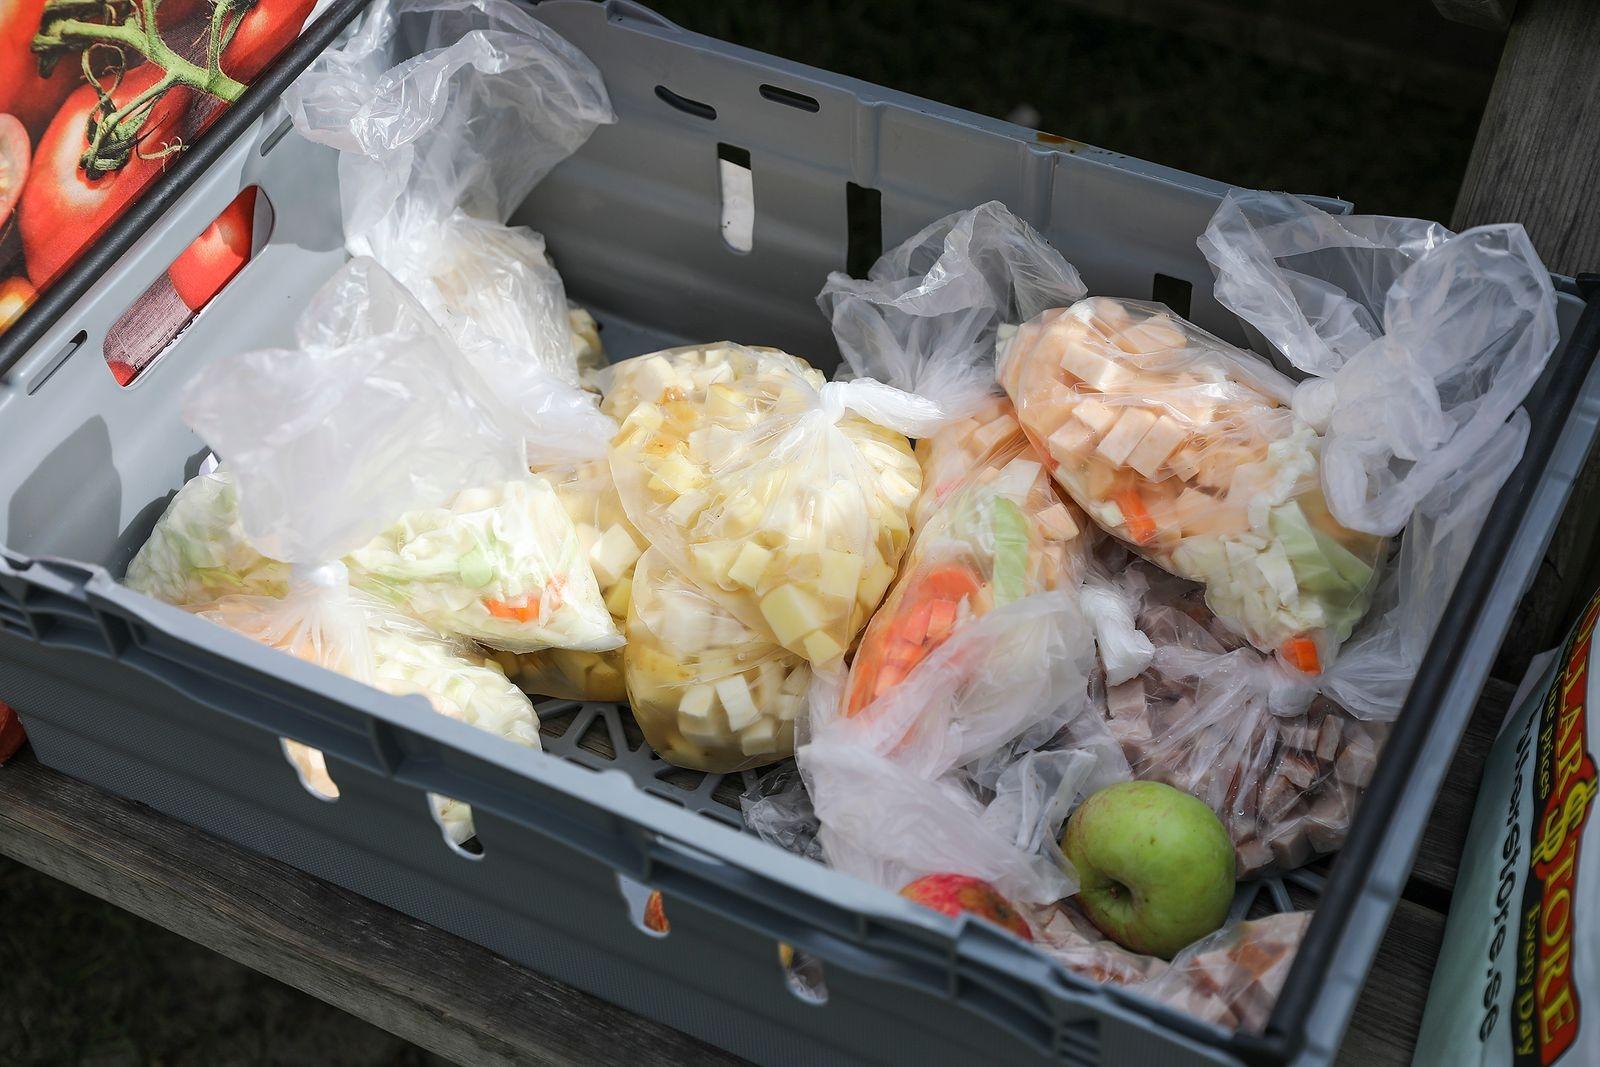 Årskurs 1 på restaurang och livsmedel hade förberett och skurit upp grönsakerna.